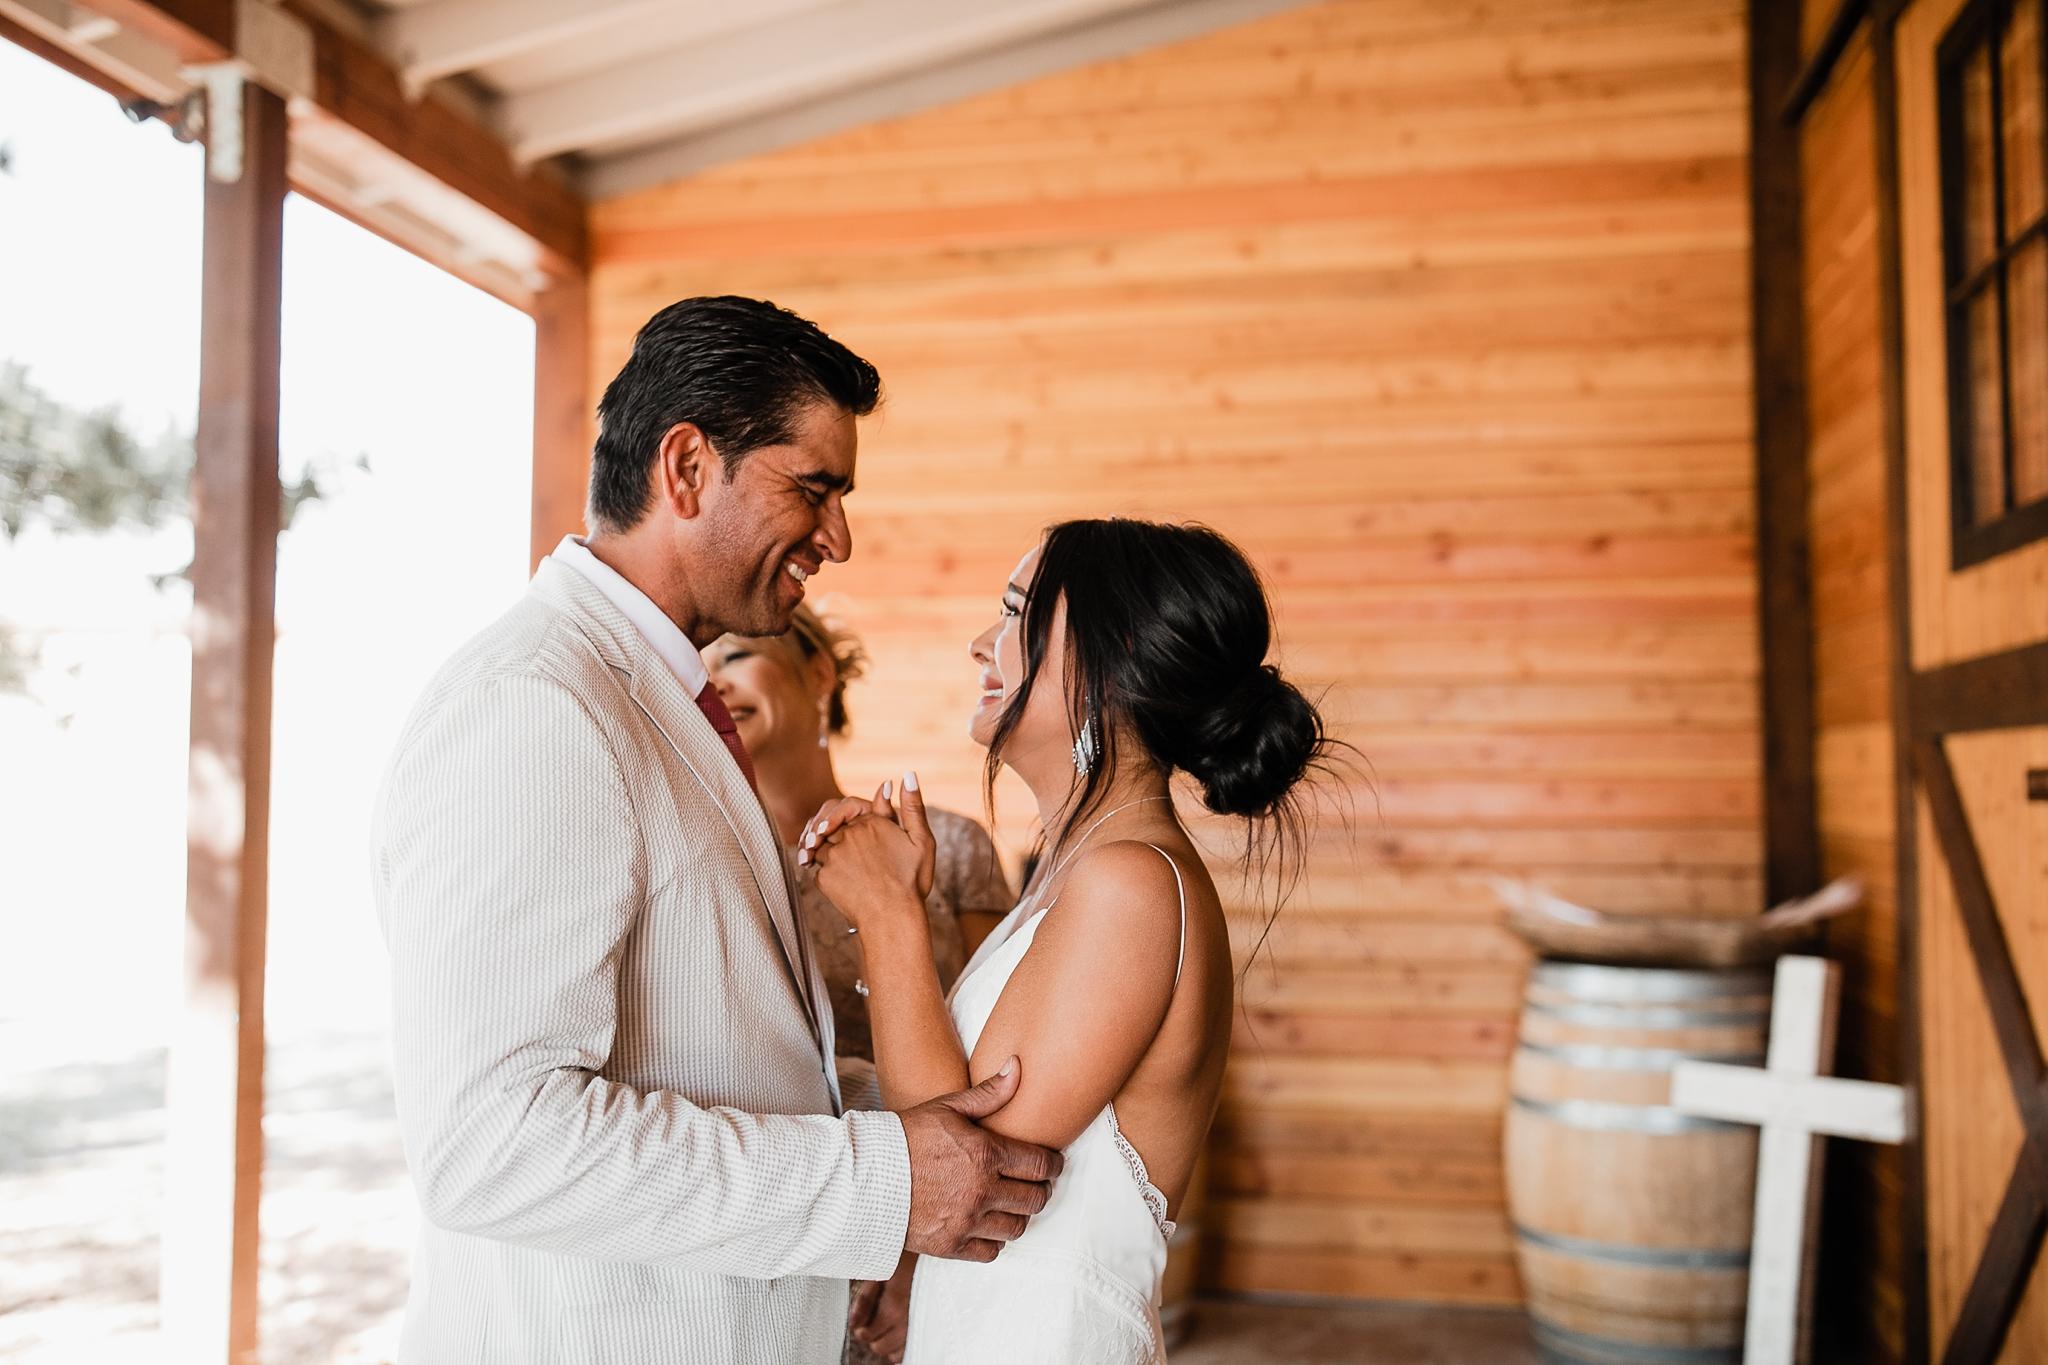 Alicia+lucia+photography+-+albuquerque+wedding+photographer+-+santa+fe+wedding+photography+-+new+mexico+wedding+photographer+-+new+mexico+wedding+-+new+mexico+wedding+-+barn+wedding+-+enchanted+vine+barn+wedding+-+ruidoso+wedding_0063.jpg